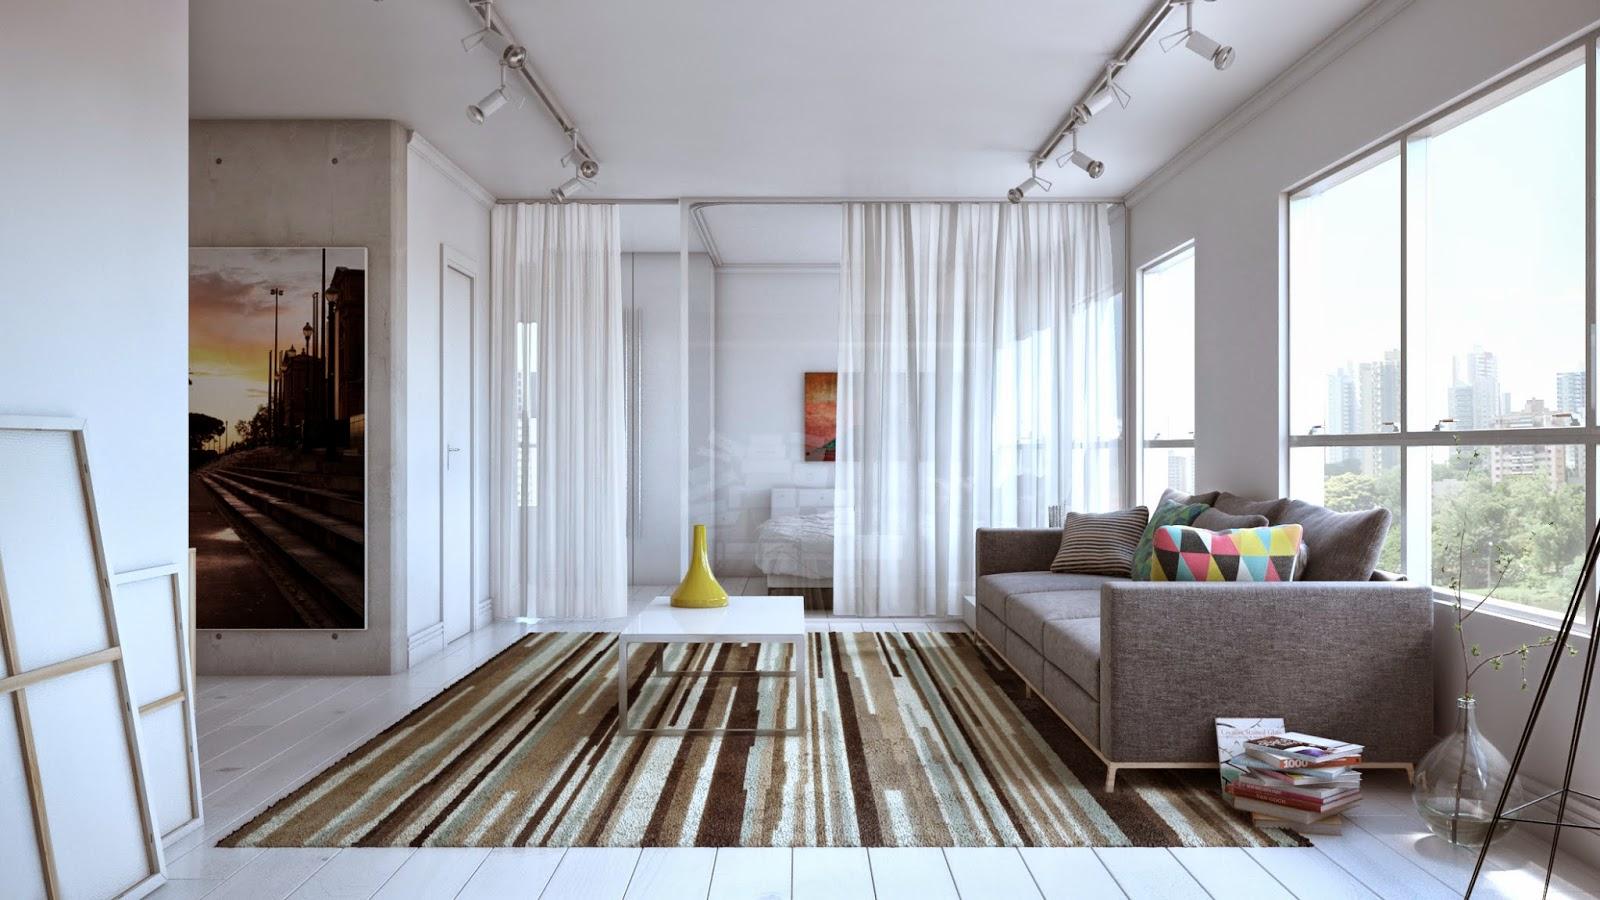 207 arquitetura e design max haus itaim bibi. Black Bedroom Furniture Sets. Home Design Ideas